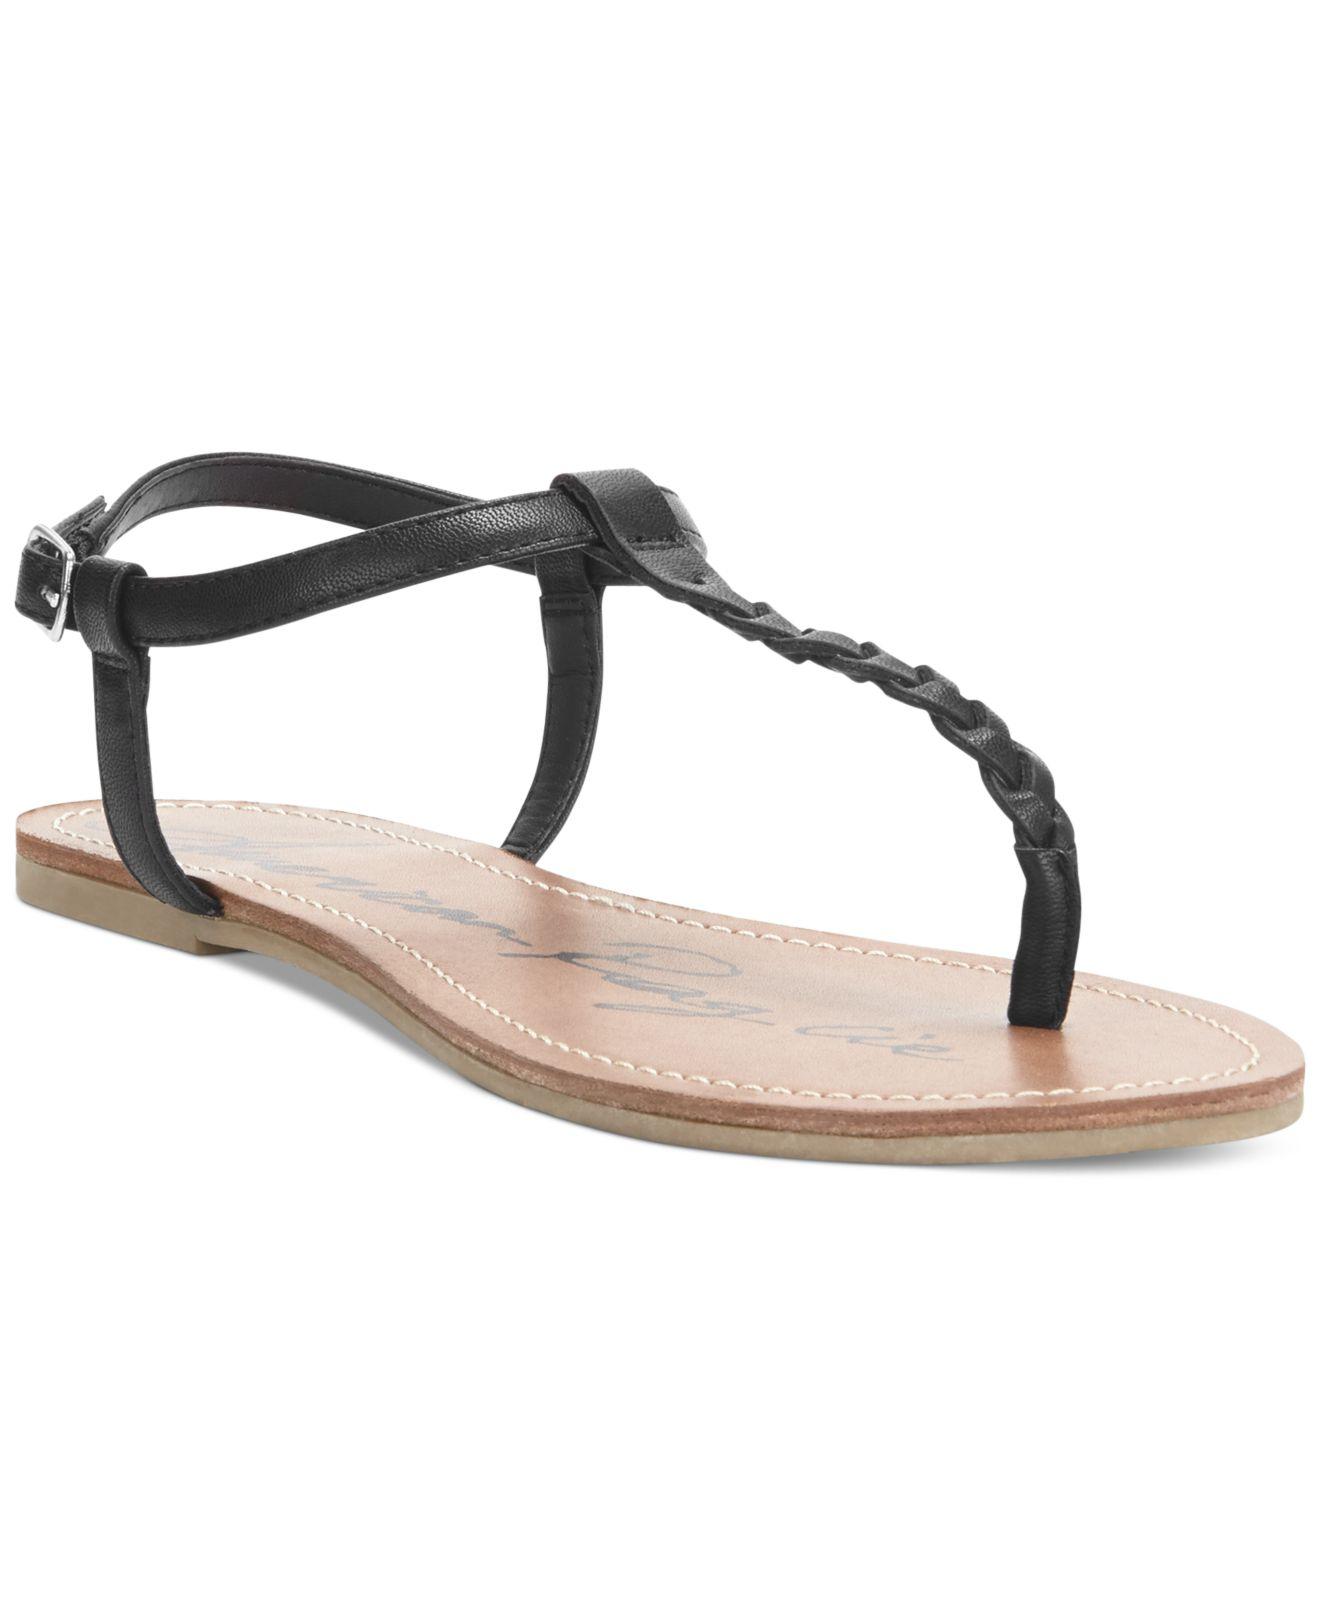 cc228037abe8 Lyst - American Rag Kelli Braided Thong Sandals in Black